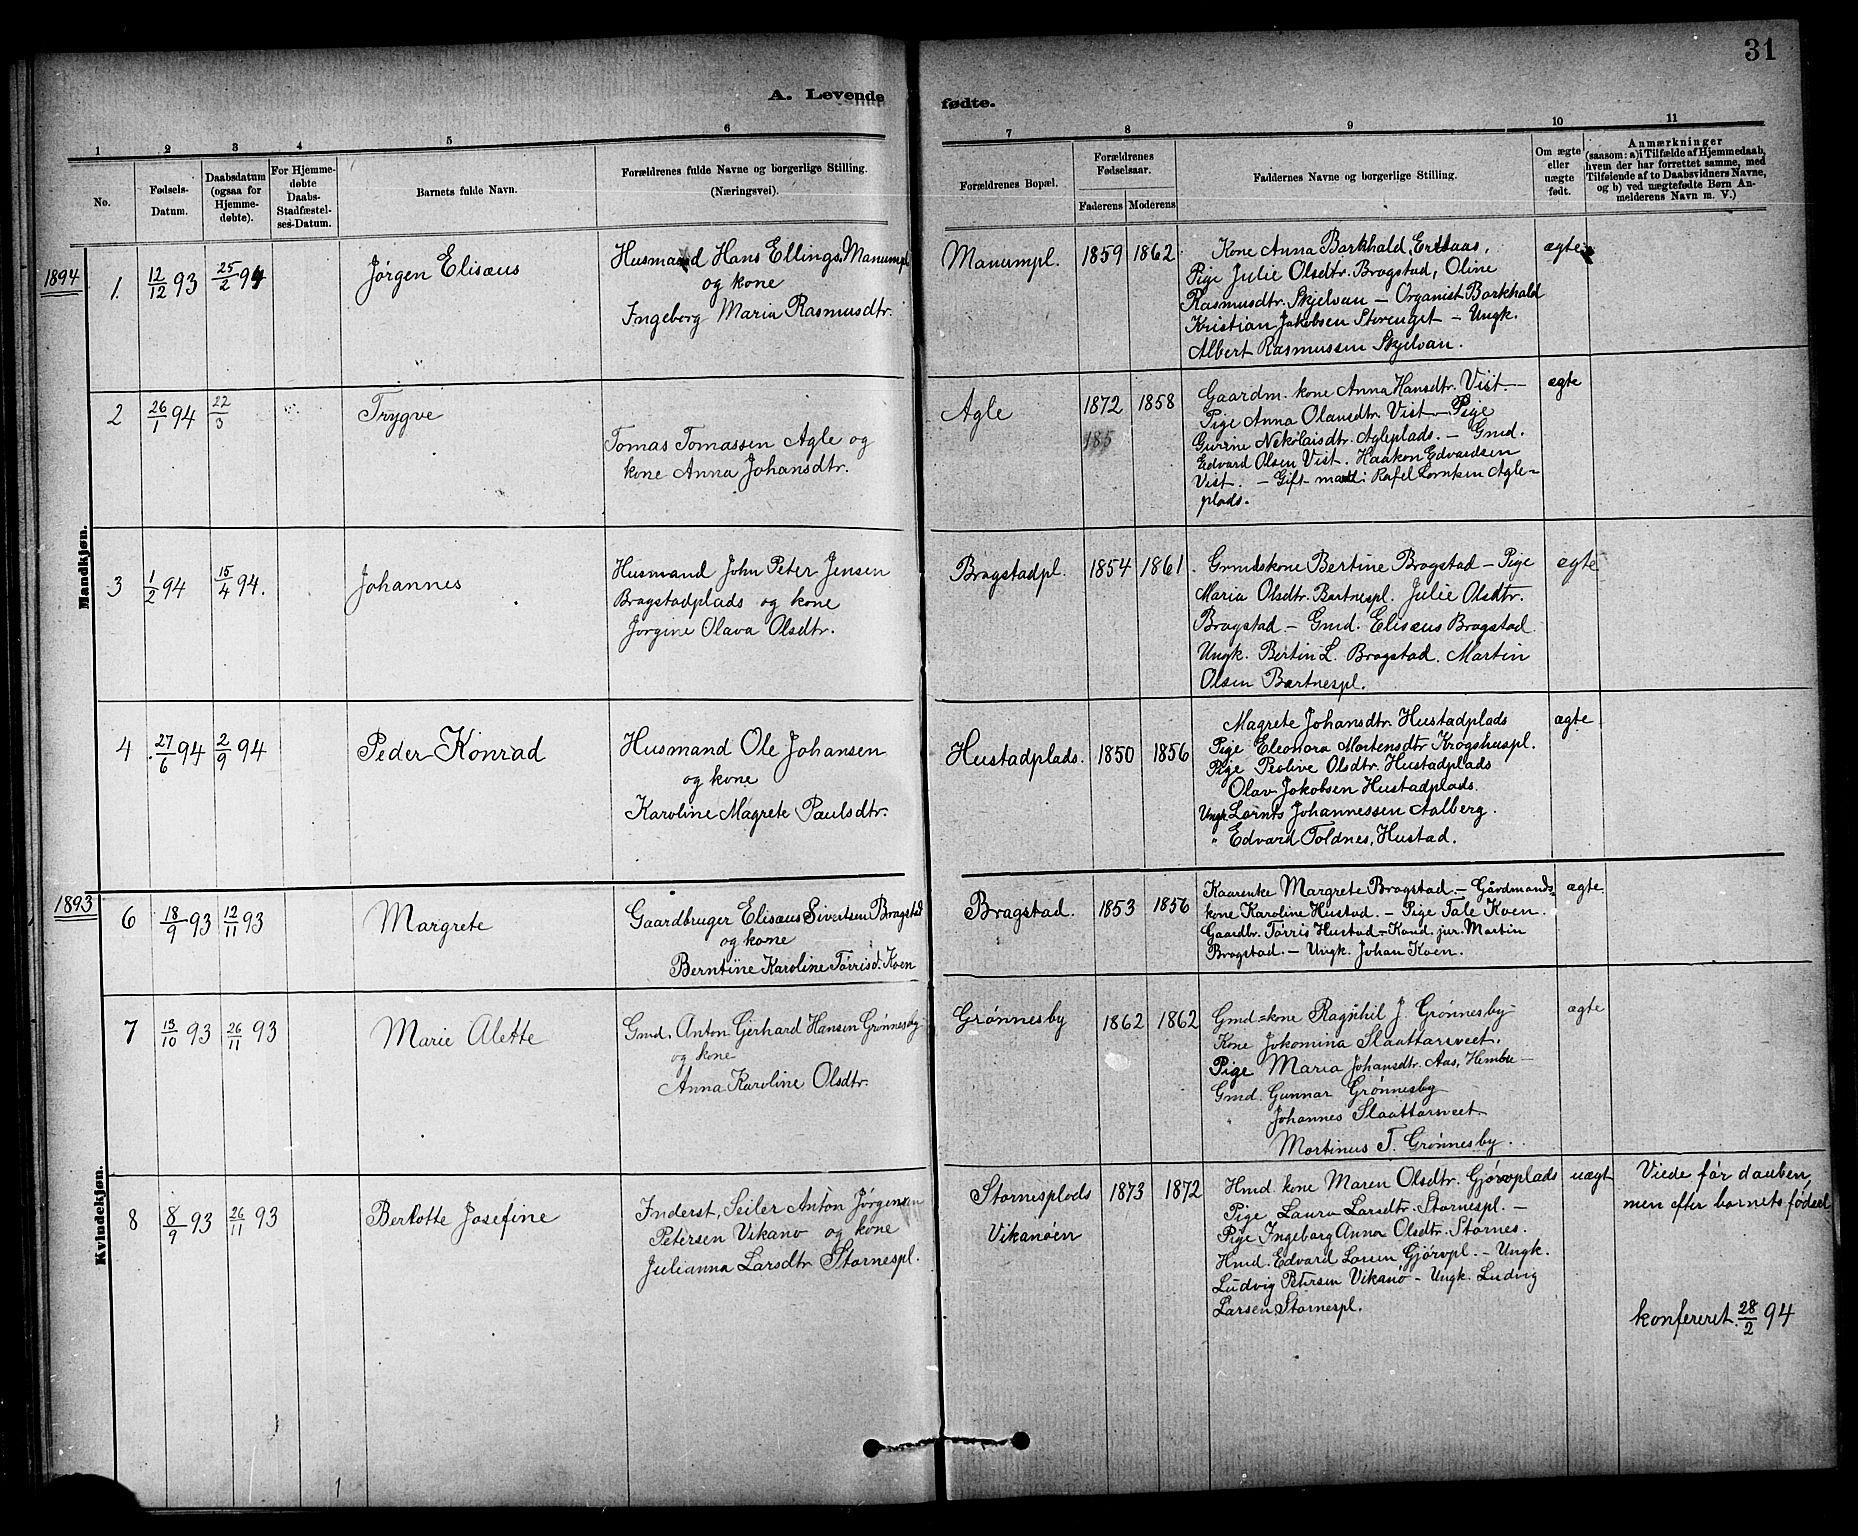 SAT, Ministerialprotokoller, klokkerbøker og fødselsregistre - Nord-Trøndelag, 732/L0318: Klokkerbok nr. 732C02, 1881-1911, s. 31